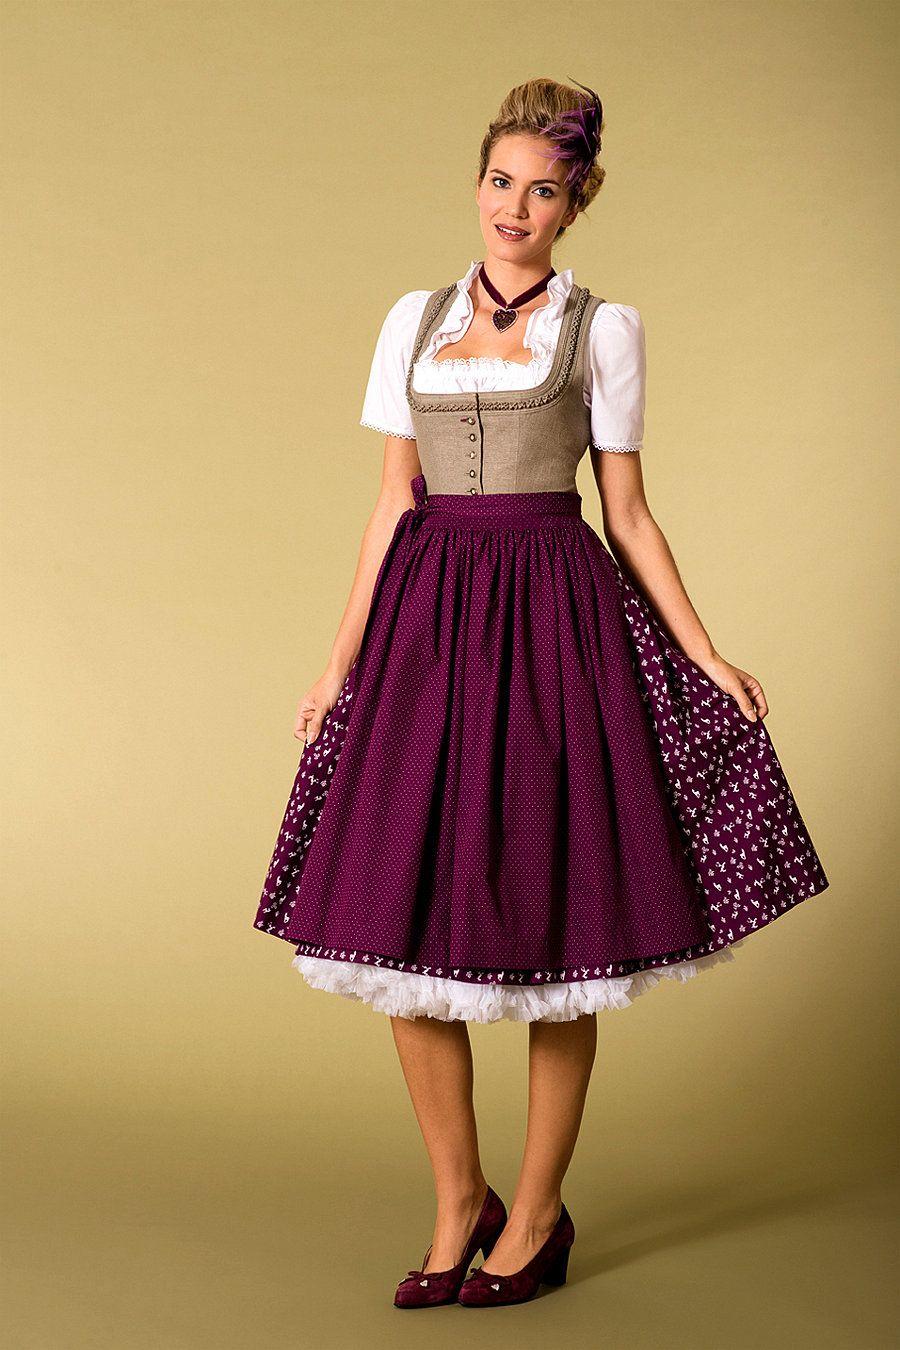 Oktoberfest Trachten by www.Bembeltown.com #dirndl #trachten #oktoberfest #fashion #mode #trend #wiesn #trachtenverleih #dirndlverleih